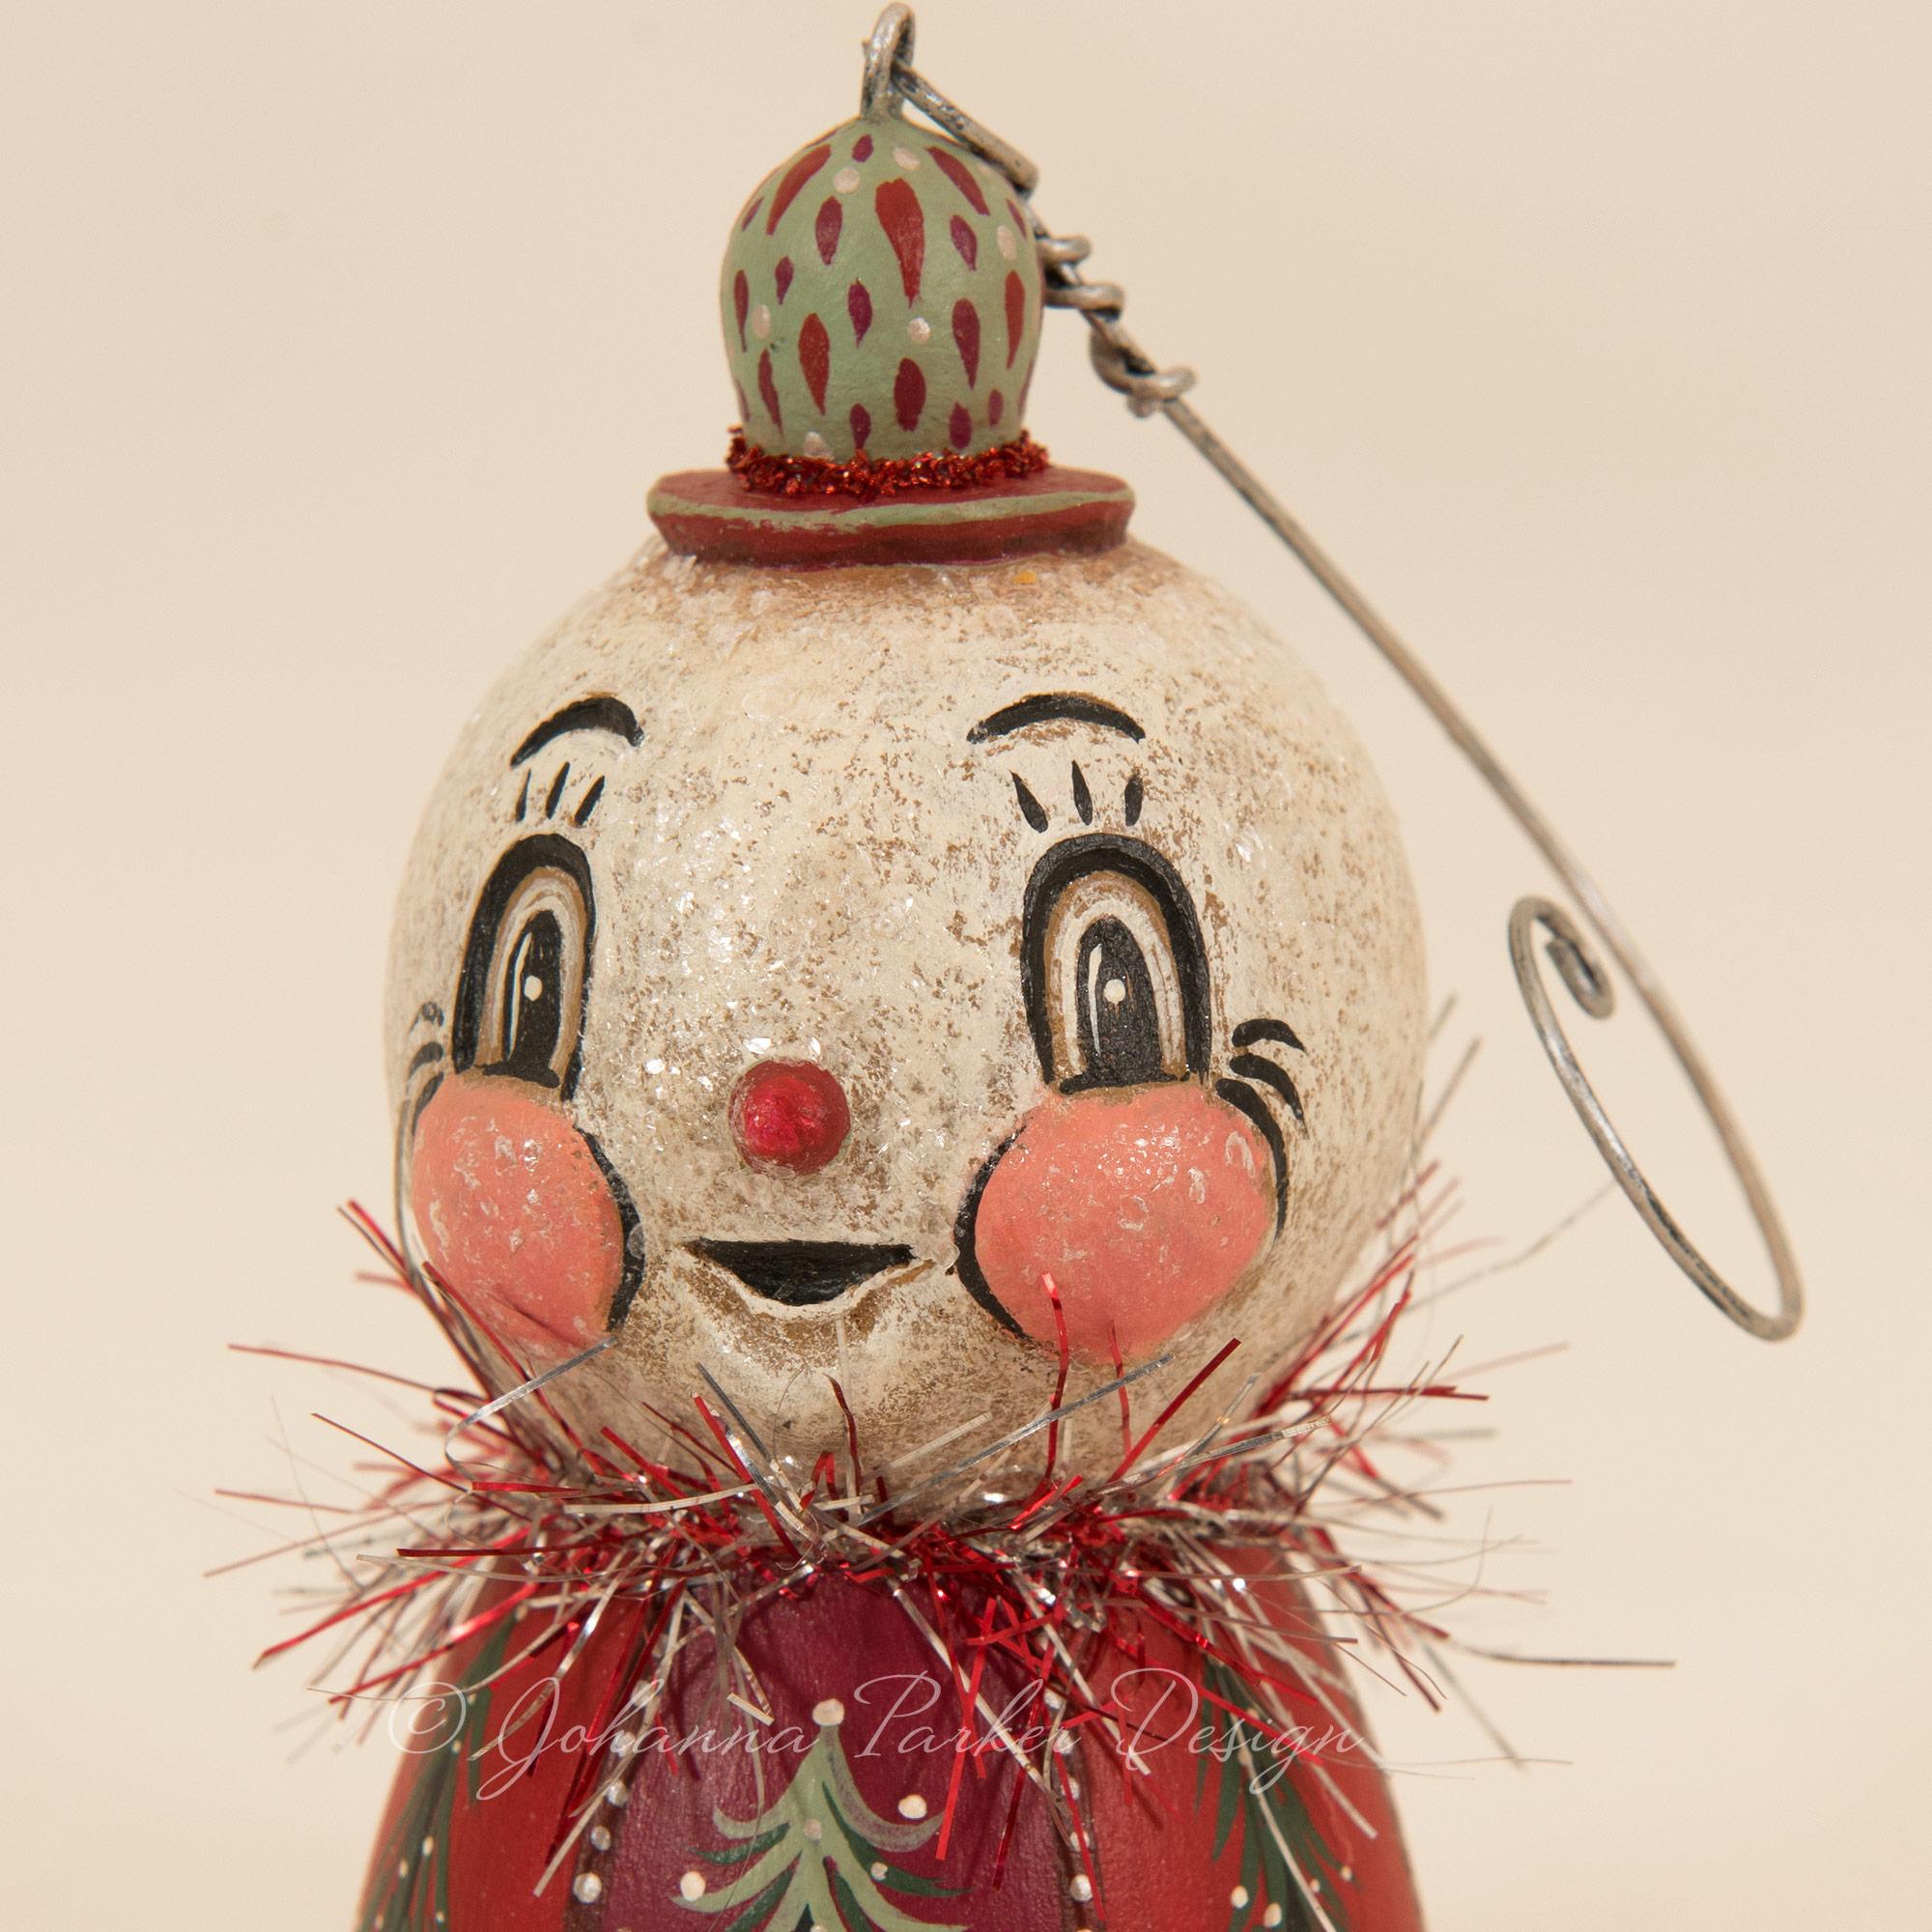 Johanna-Parker-Woodland-Snowman-Bell-Ornament-6.jpg